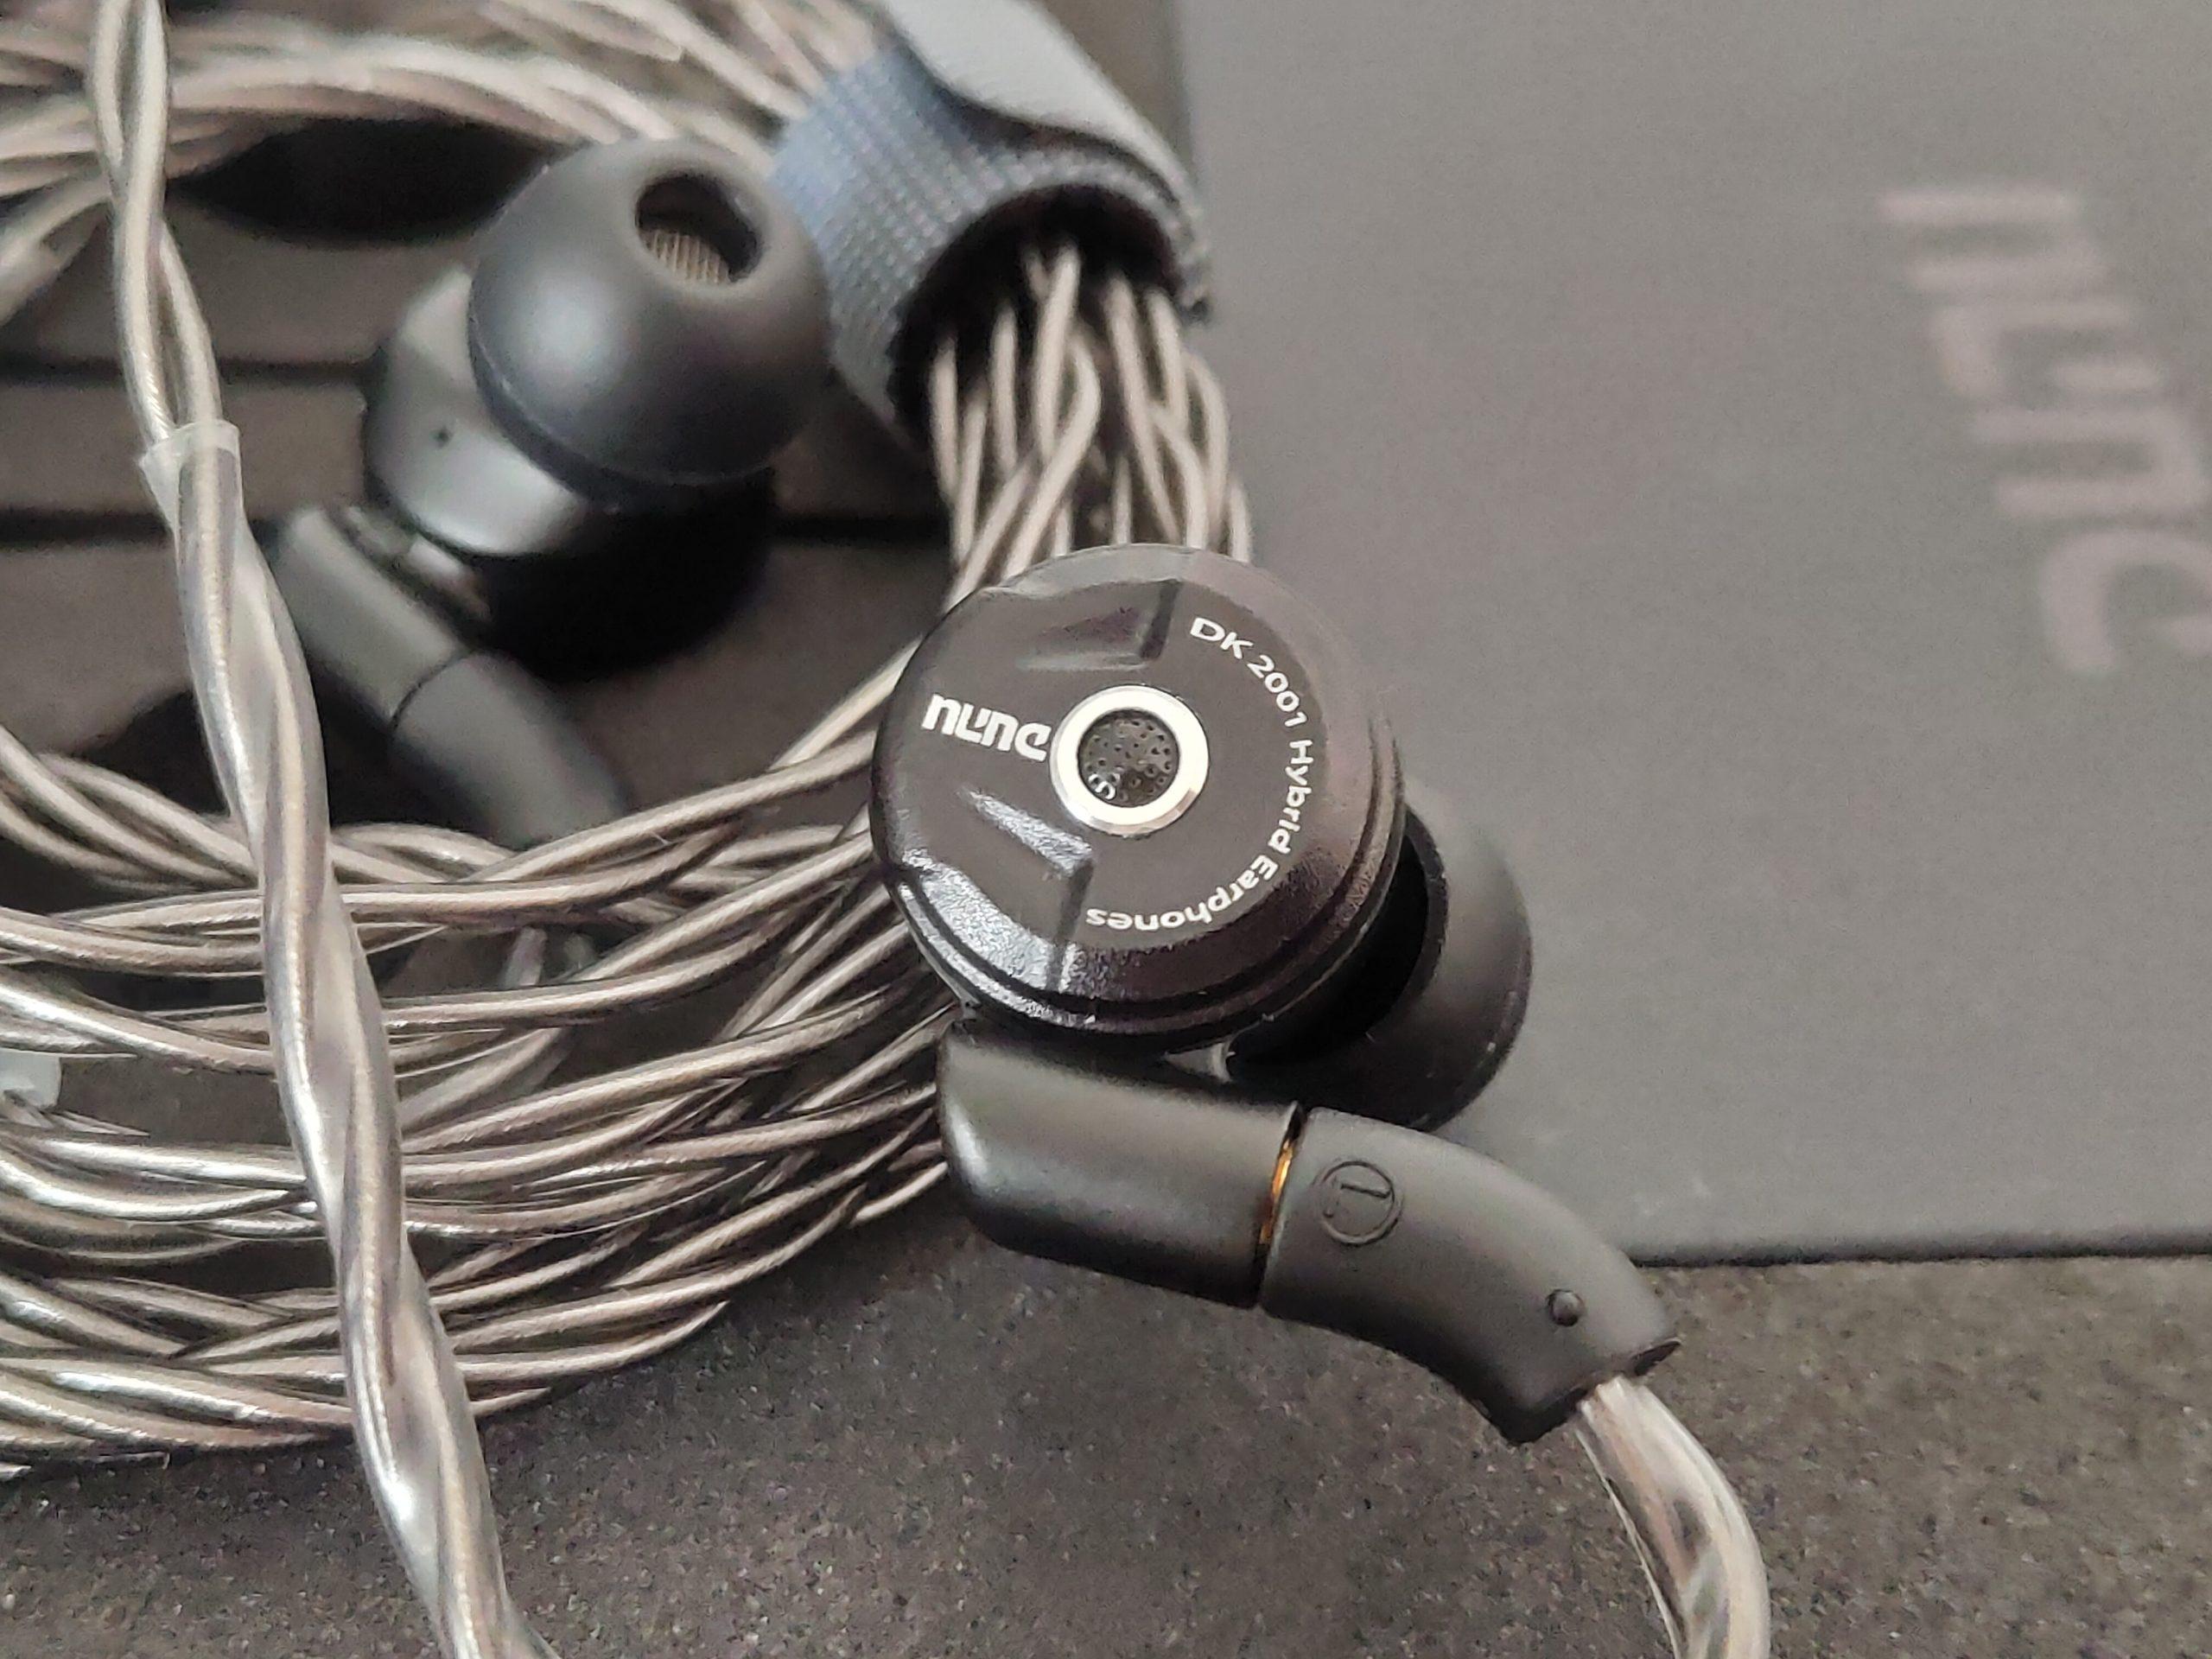 Ecouteurs Dunu DK2001